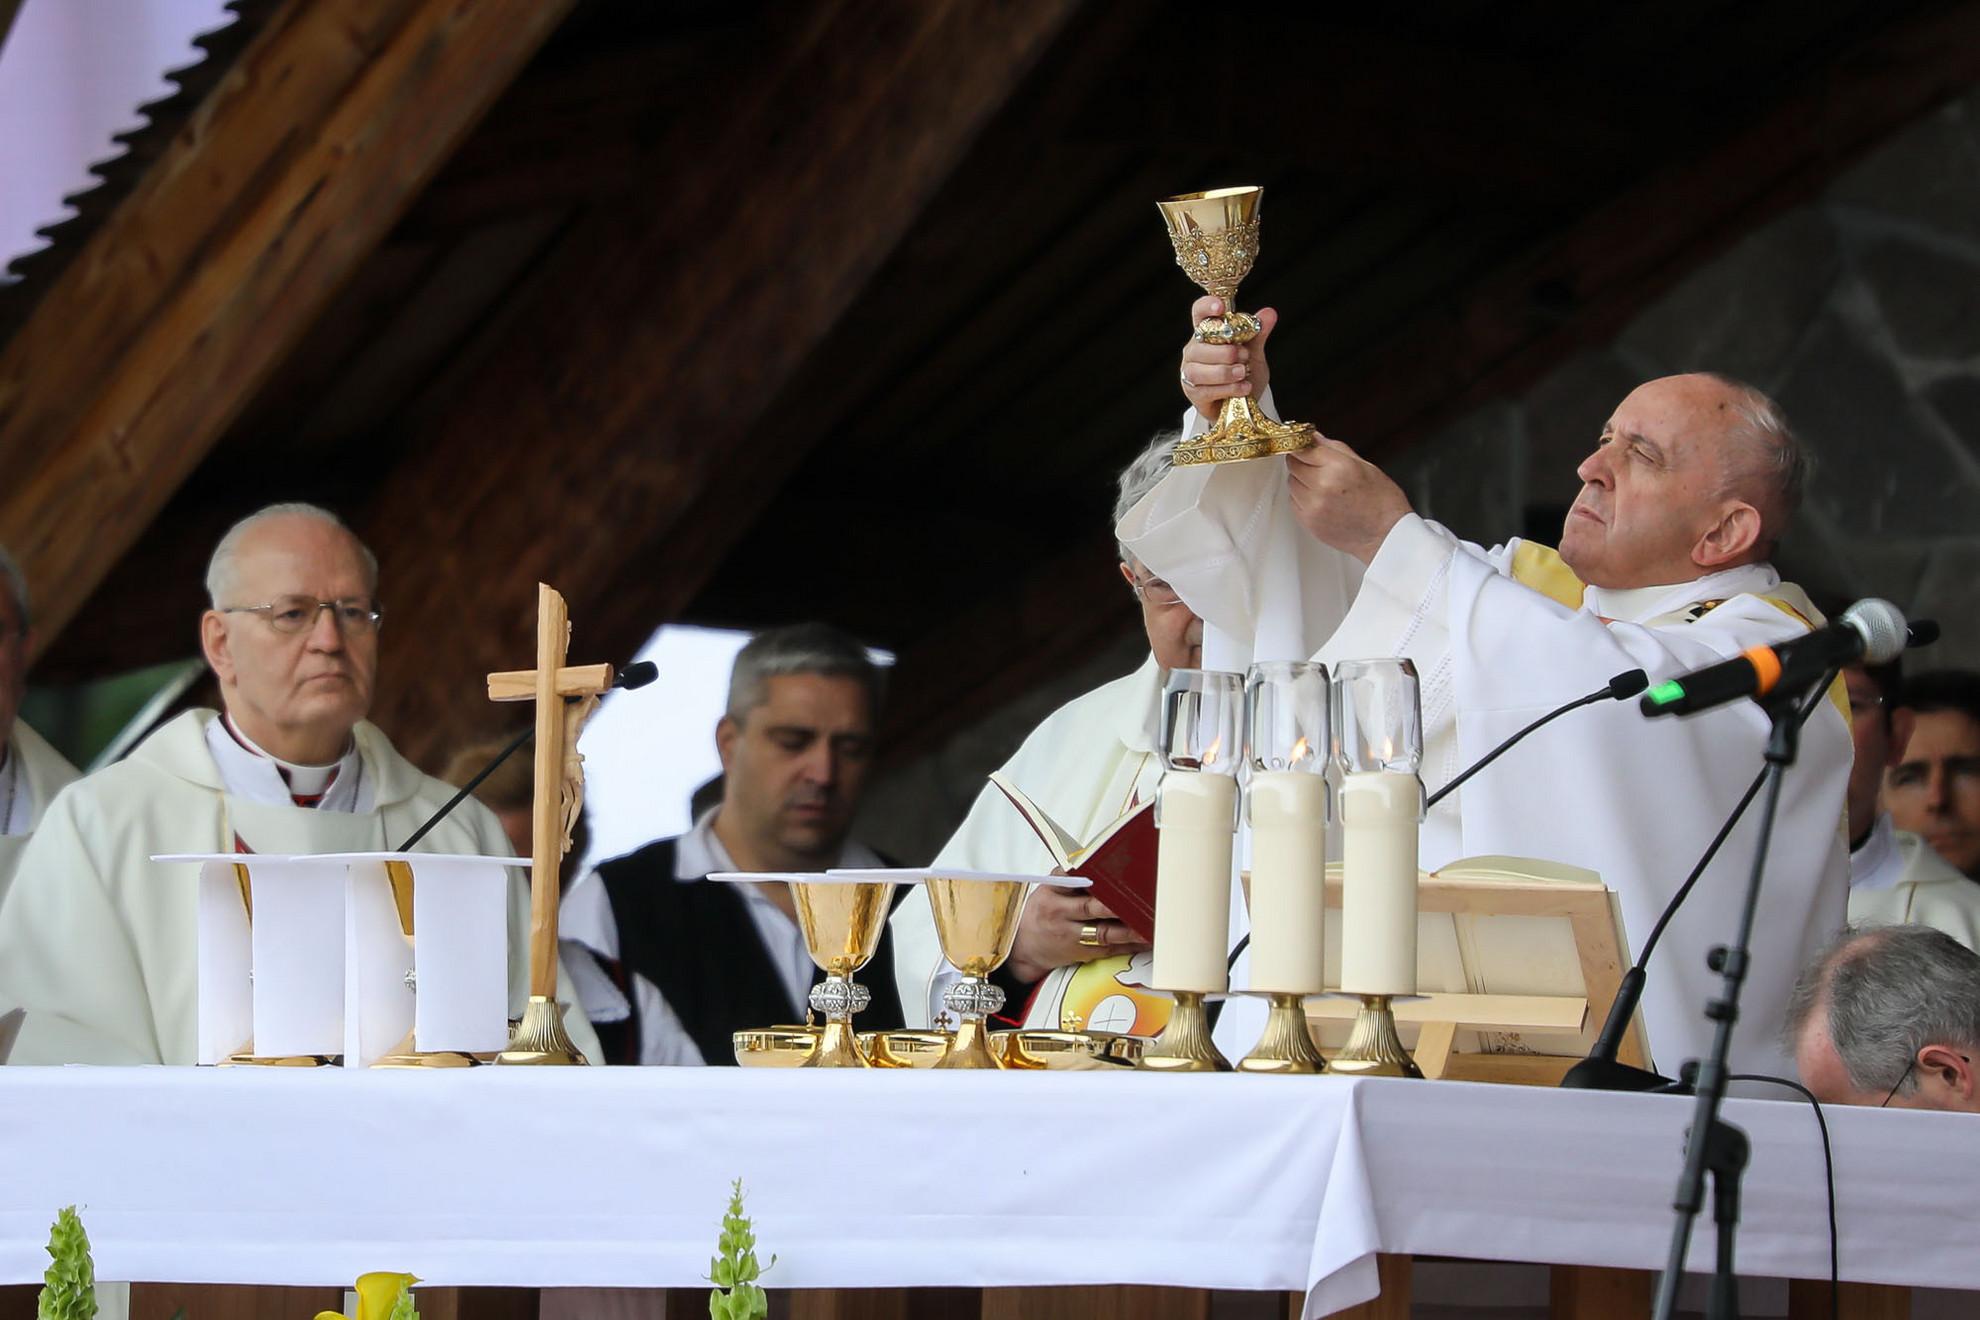 Ferenc pápa magasba emeli az áldozati kelyhet